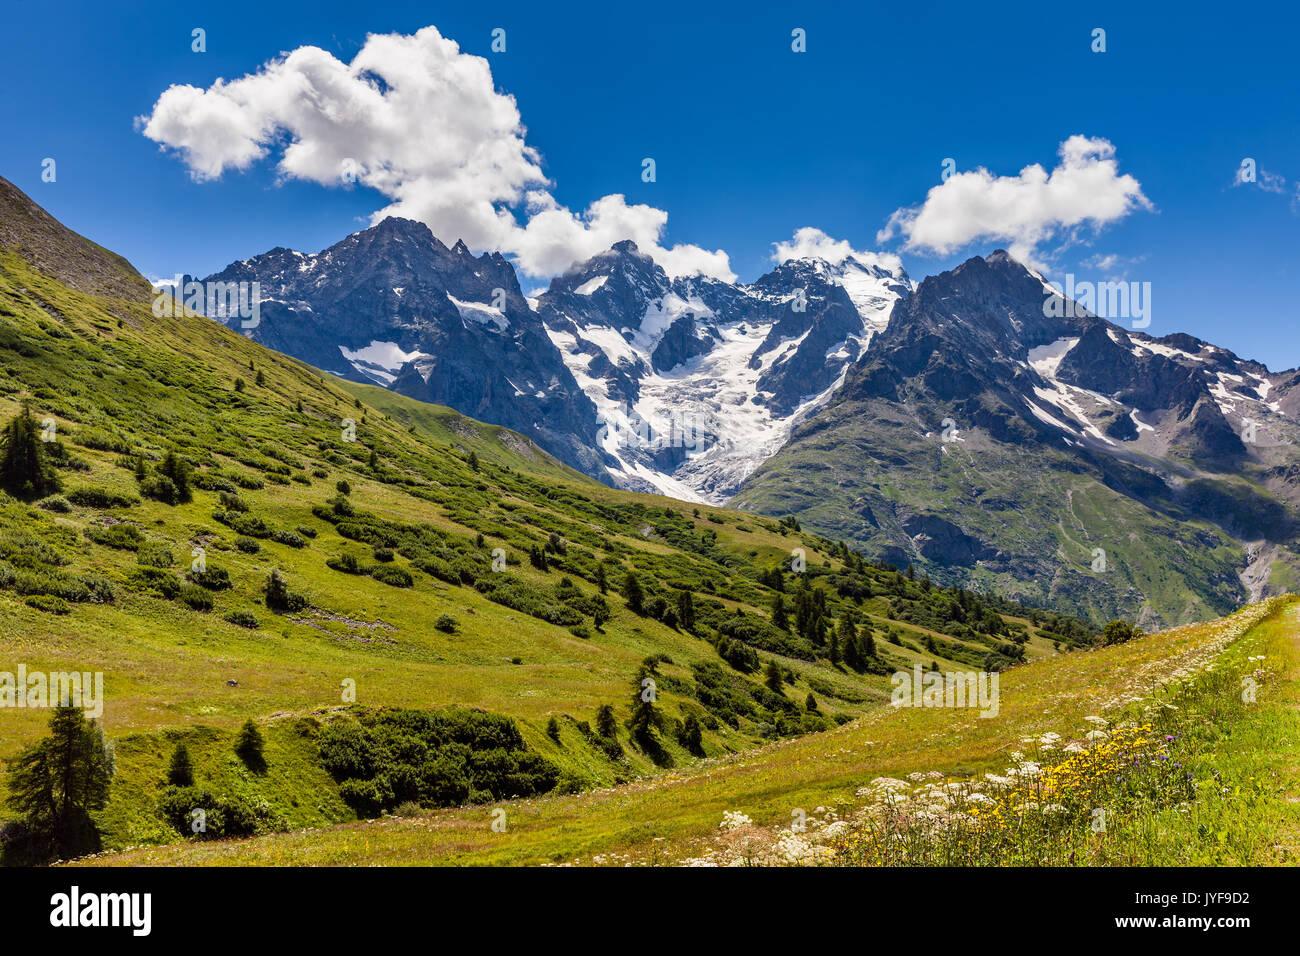 Ecrins National Parc mountain peaks and glaciers in summer. Glacier du Lautaret and Glacier de l'Homme. La Meije, Southern French Alps, Hautes-Alpes.  - Stock Image